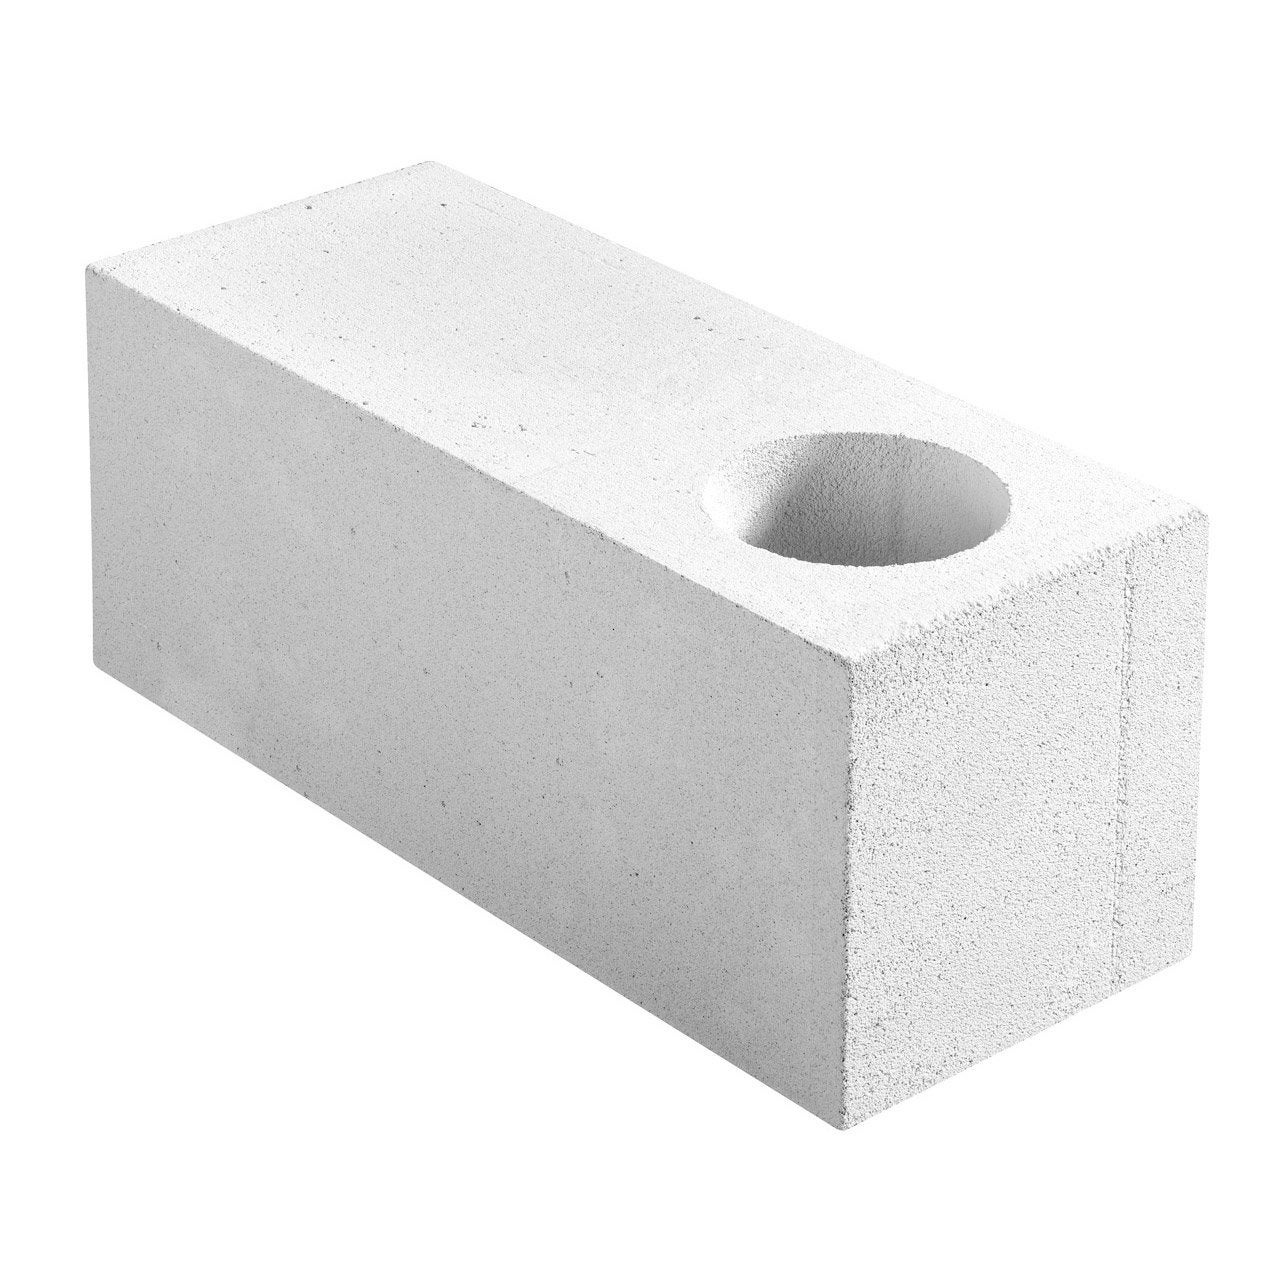 Bloc Beton Cellulaire D Angle Ytong P 25 X L 62 5 X L 62 5 Cm Bloc Beton Cellulaire Beton Cellulaire Et Beton